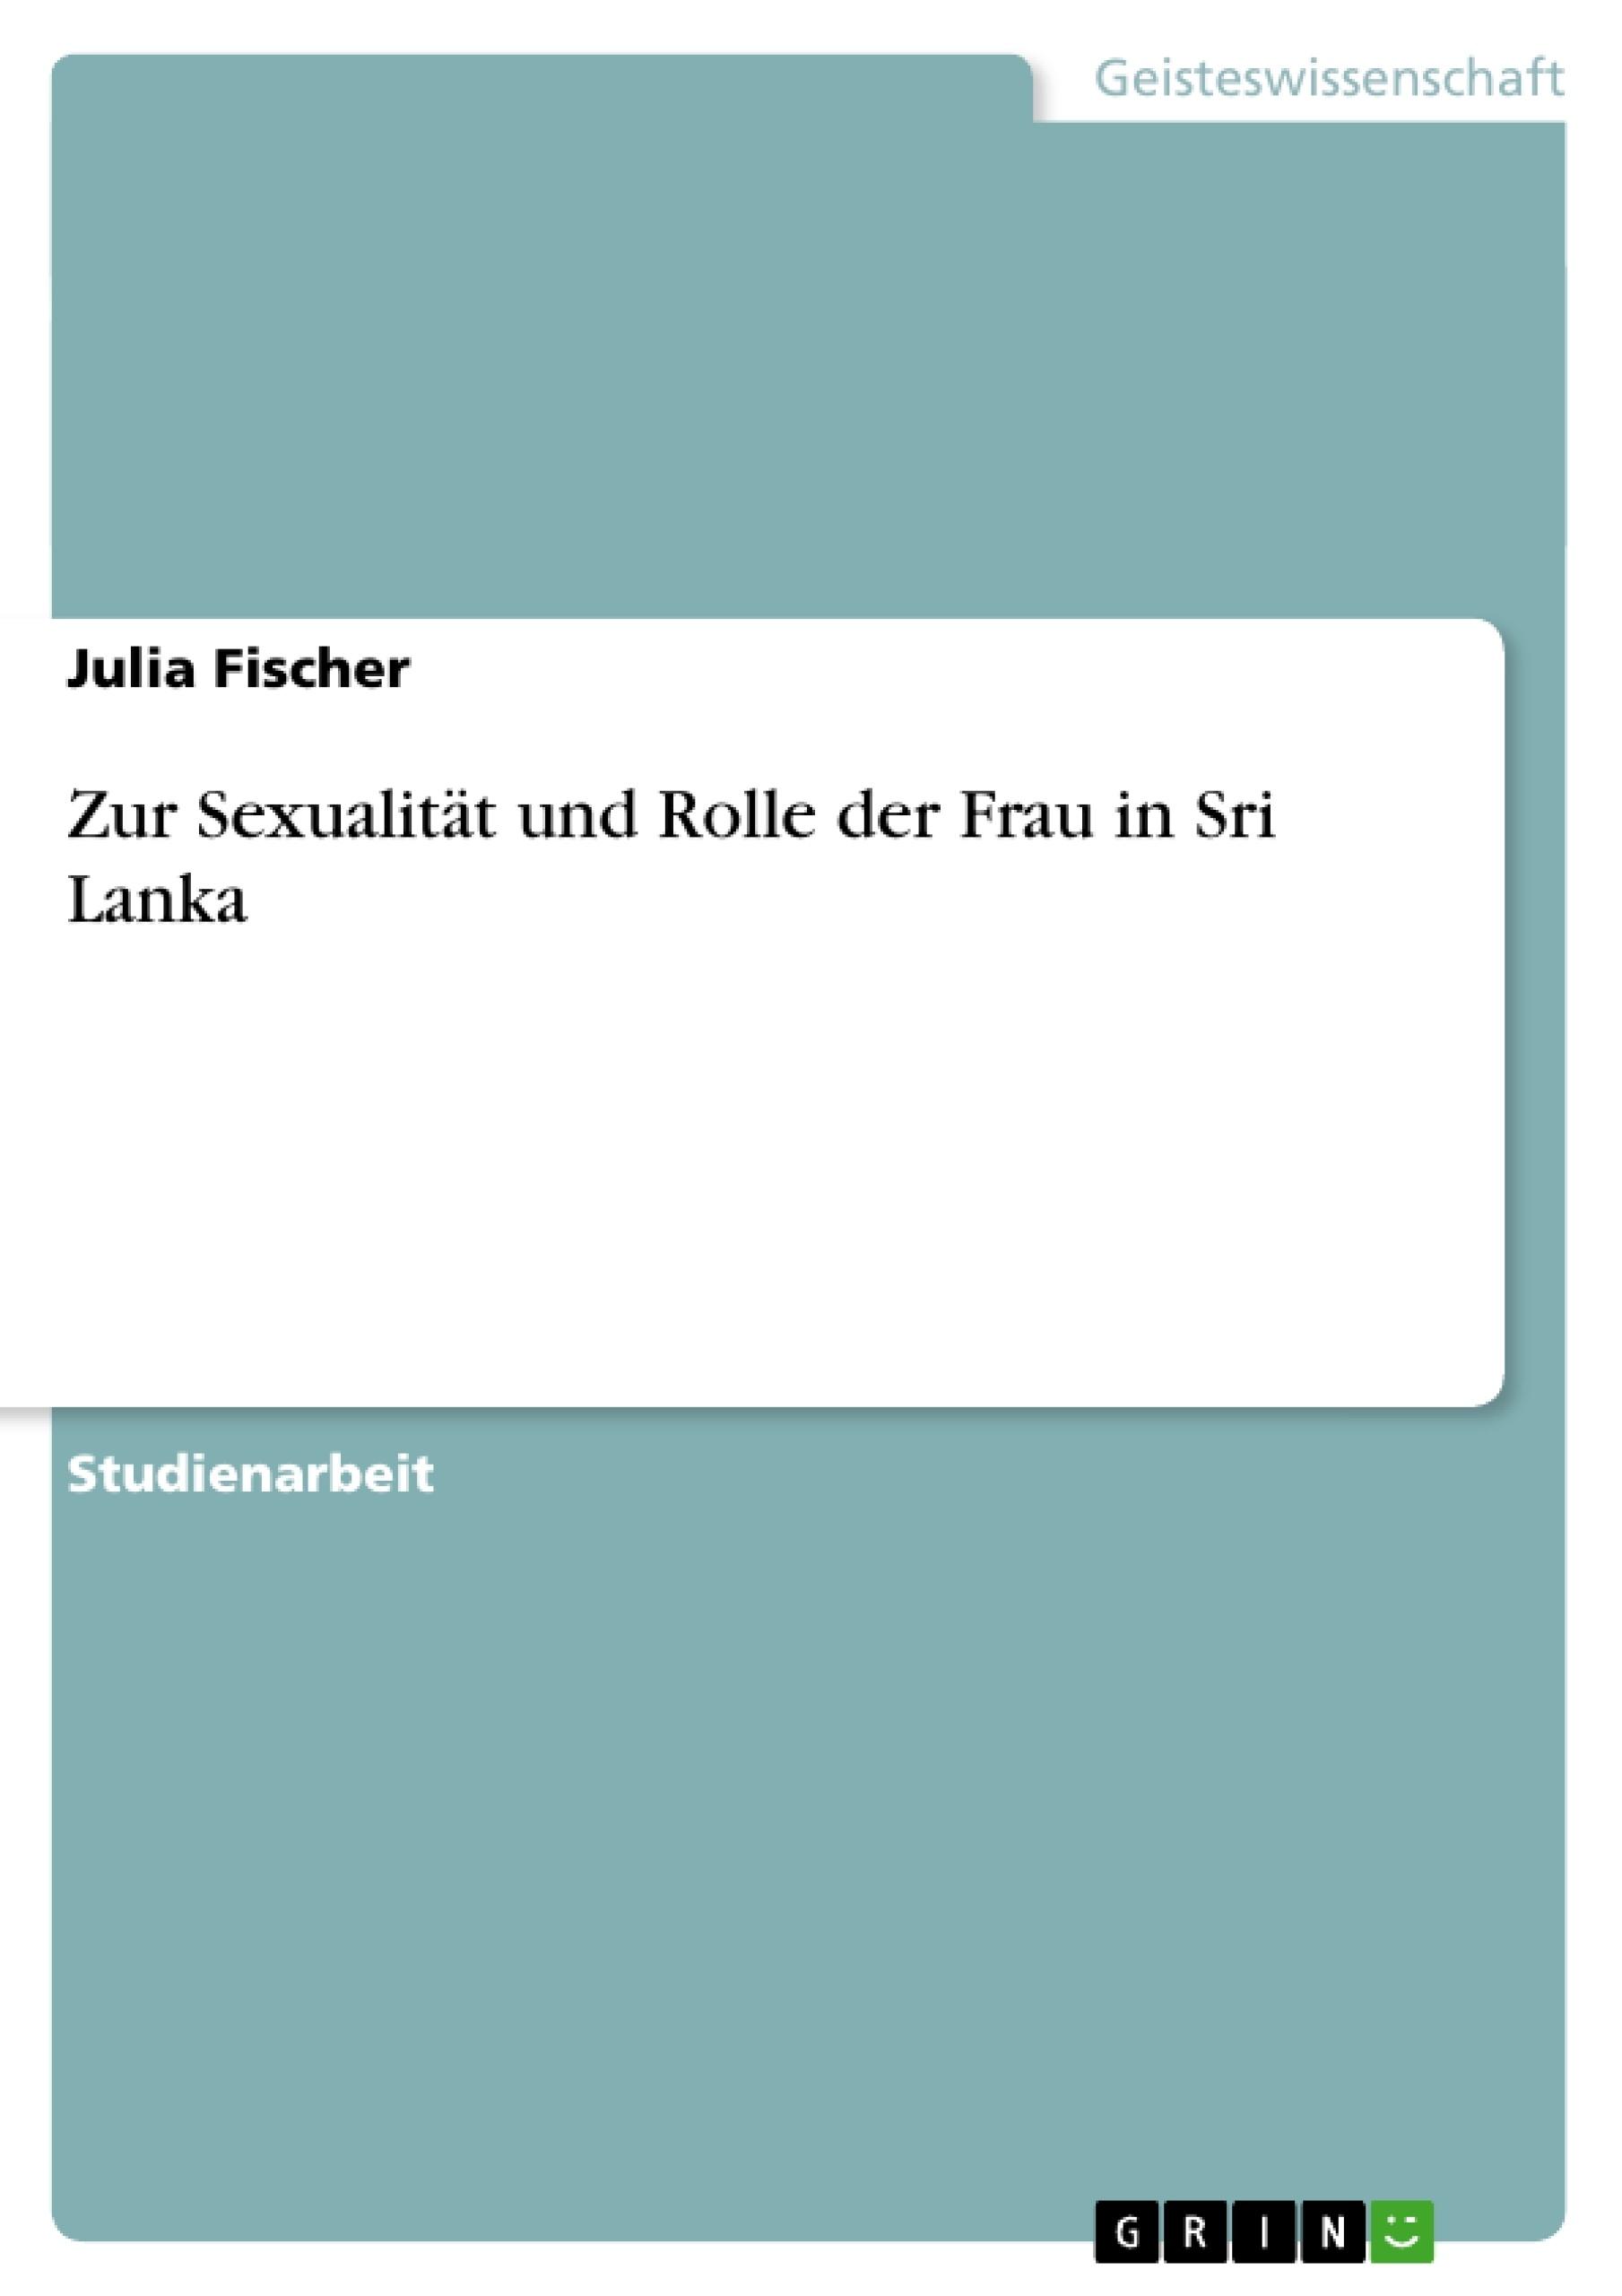 Titel: Zur Sexualität und Rolle der Frau in Sri Lanka